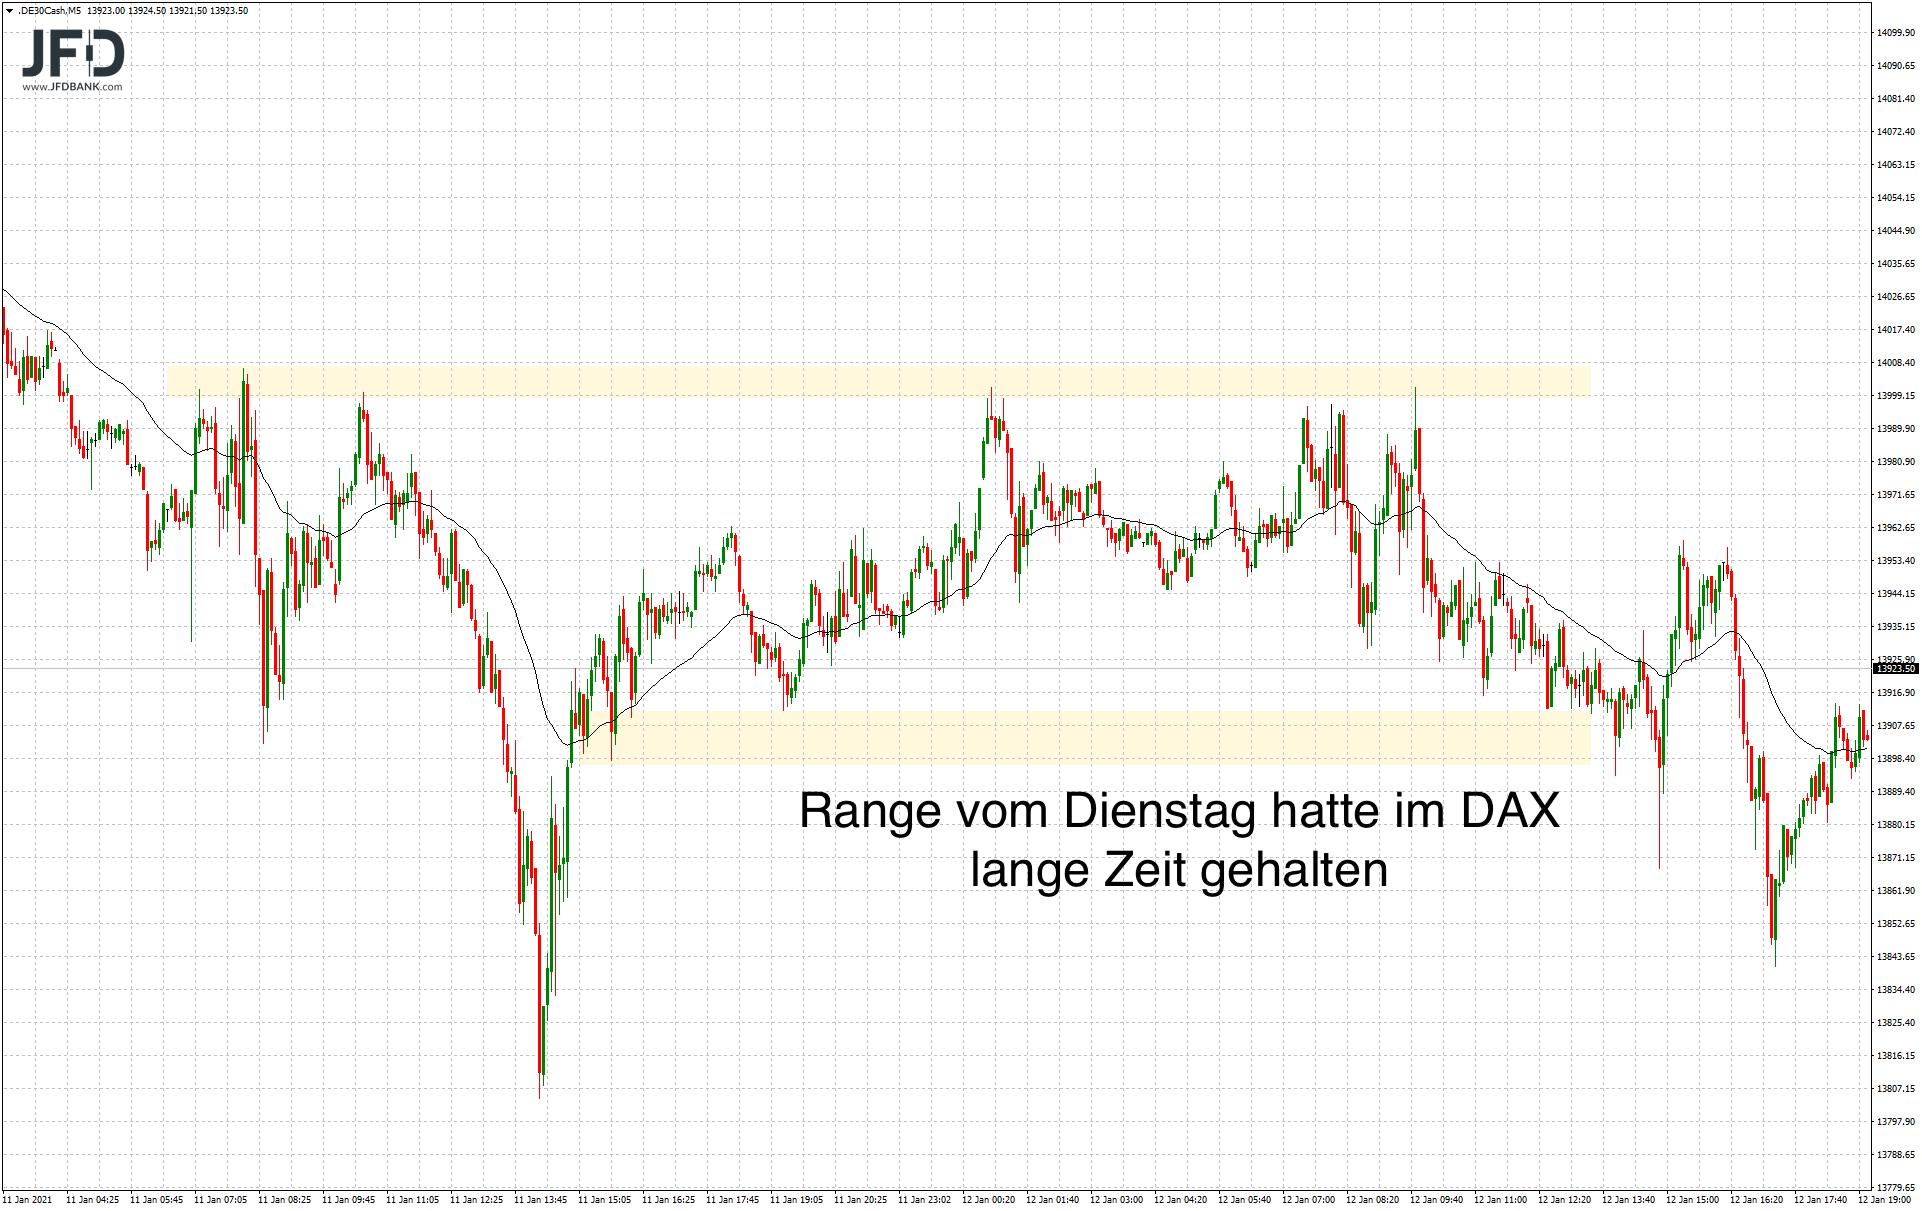 DAX-Range vom Dienstag im Rückblick